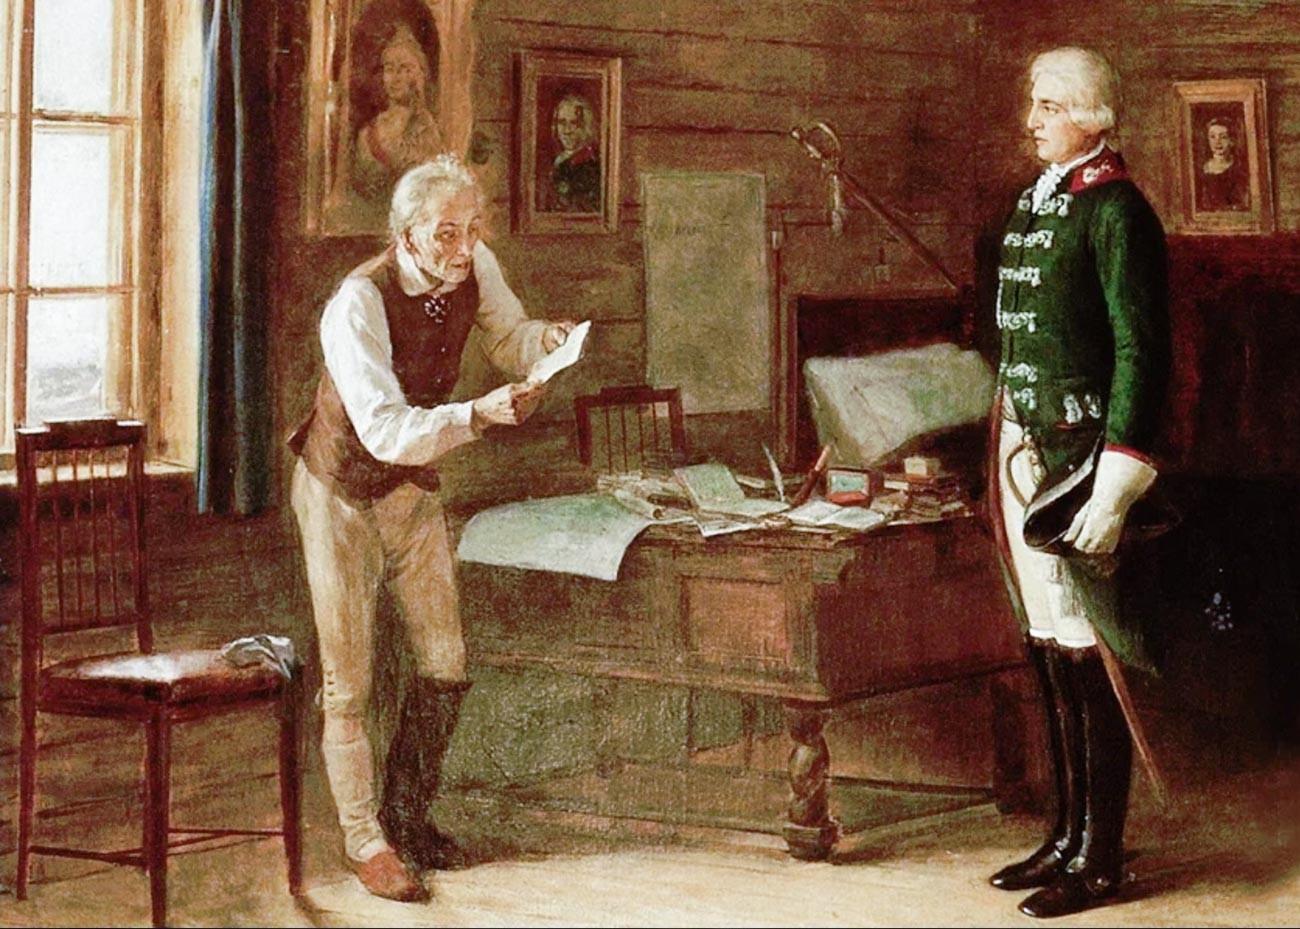 Suvorov yang diasingkan menerima perintah untuk memimpin Angkatan Darat Rusia melawan Napoleon.